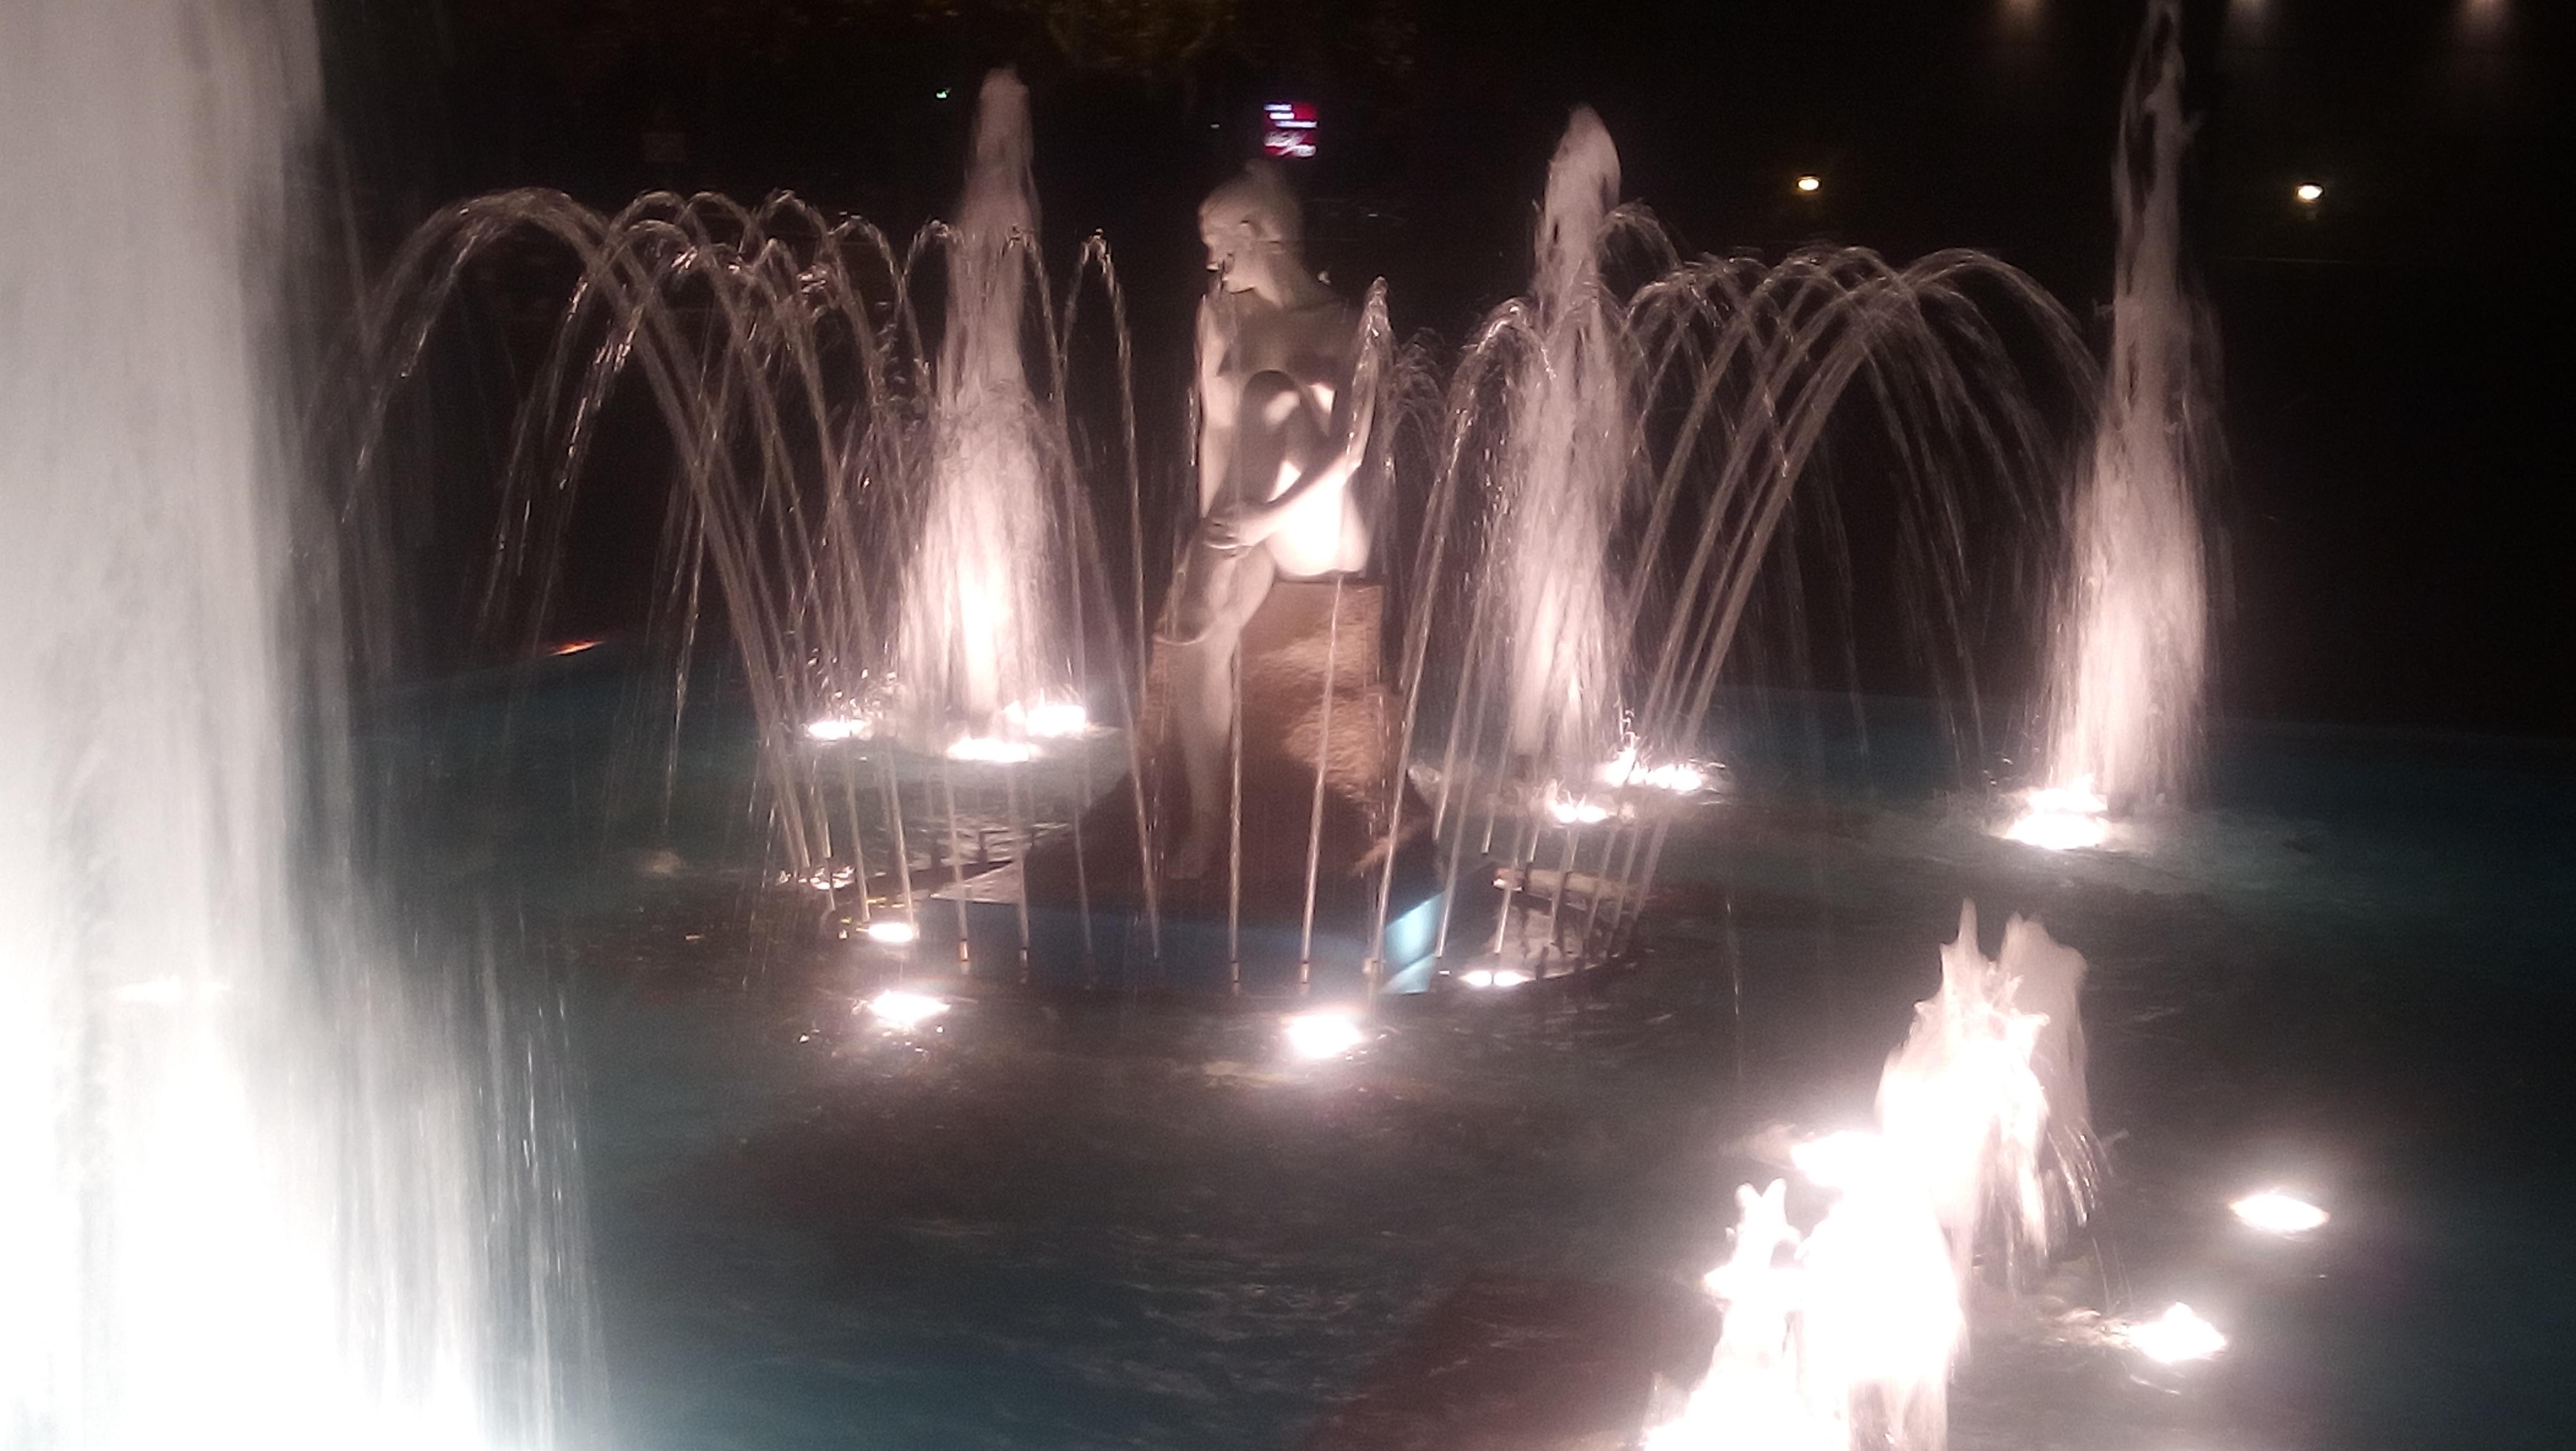 Lady_sculpture_water.jpg